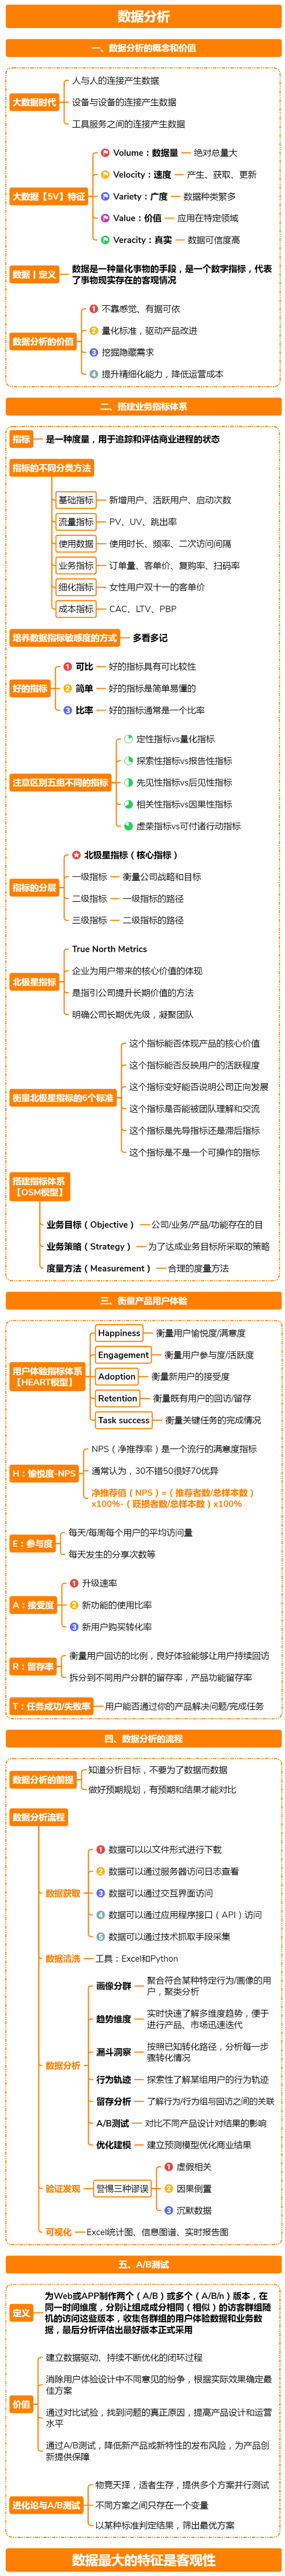 一图6角度读懂增长黑客:PMF、获客、活跃、留存、数据分析丨第2技能